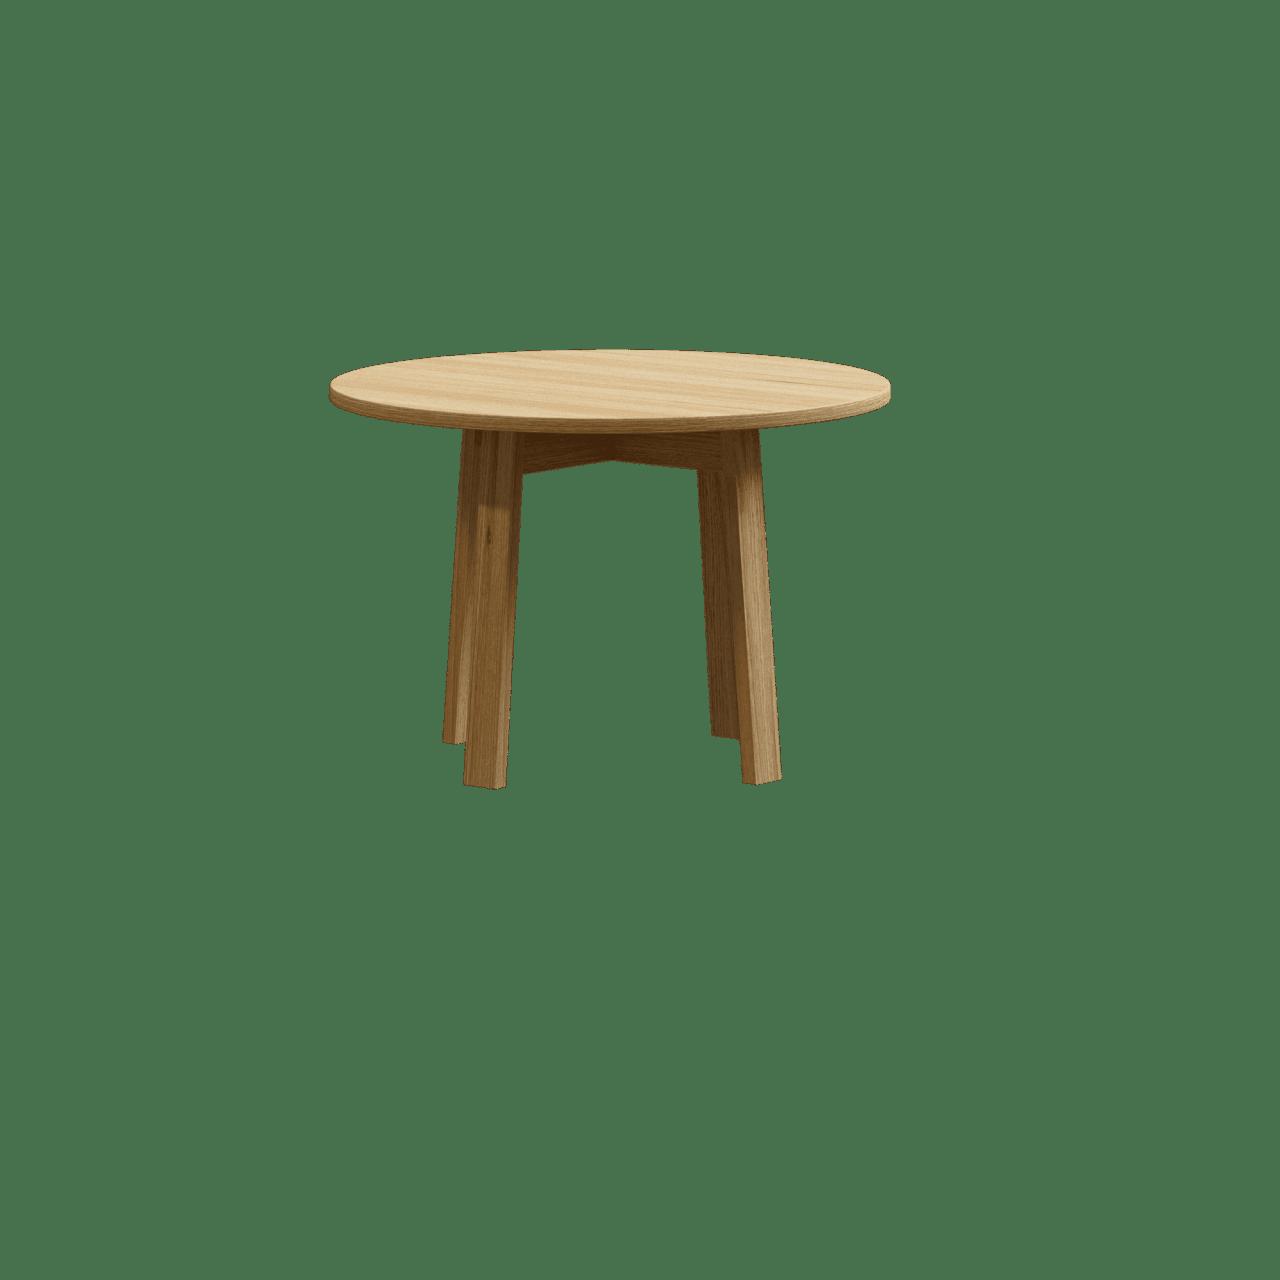 DC08 Basis runder Tisch